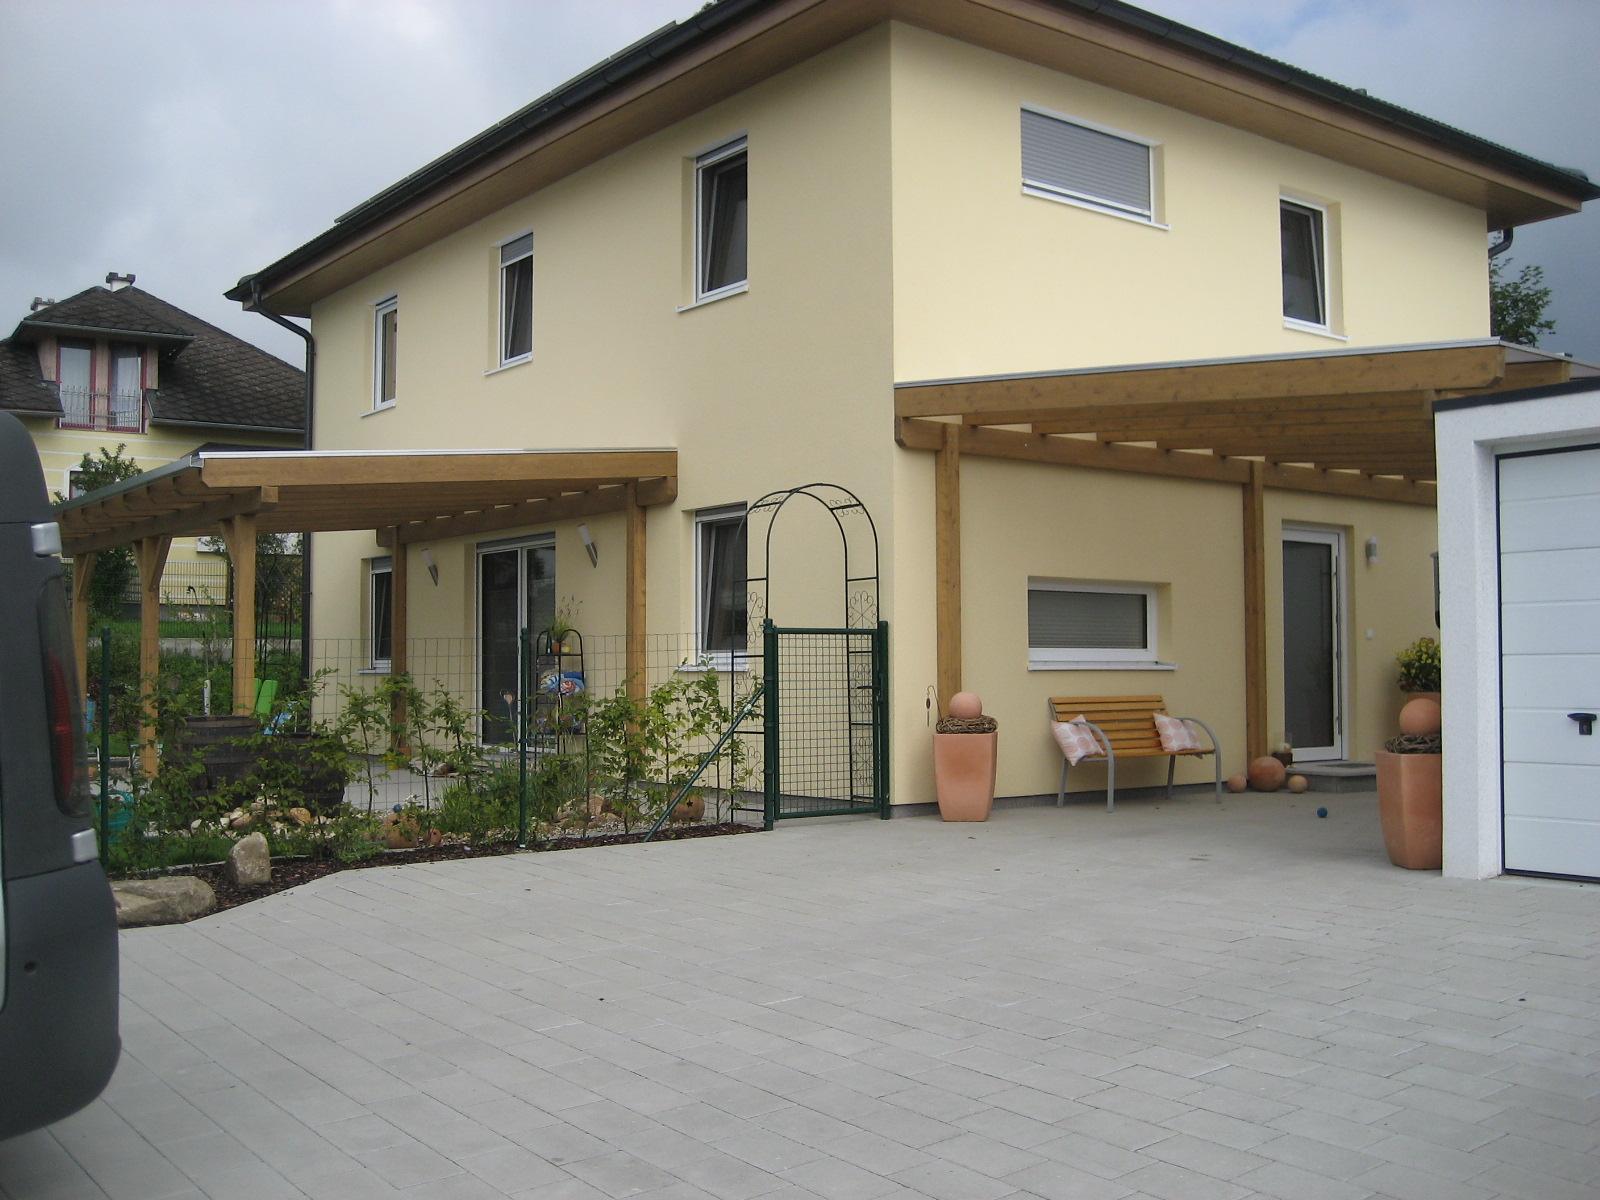 Carport und Terrassenüberdachung mit Thermoclear Stegplatten